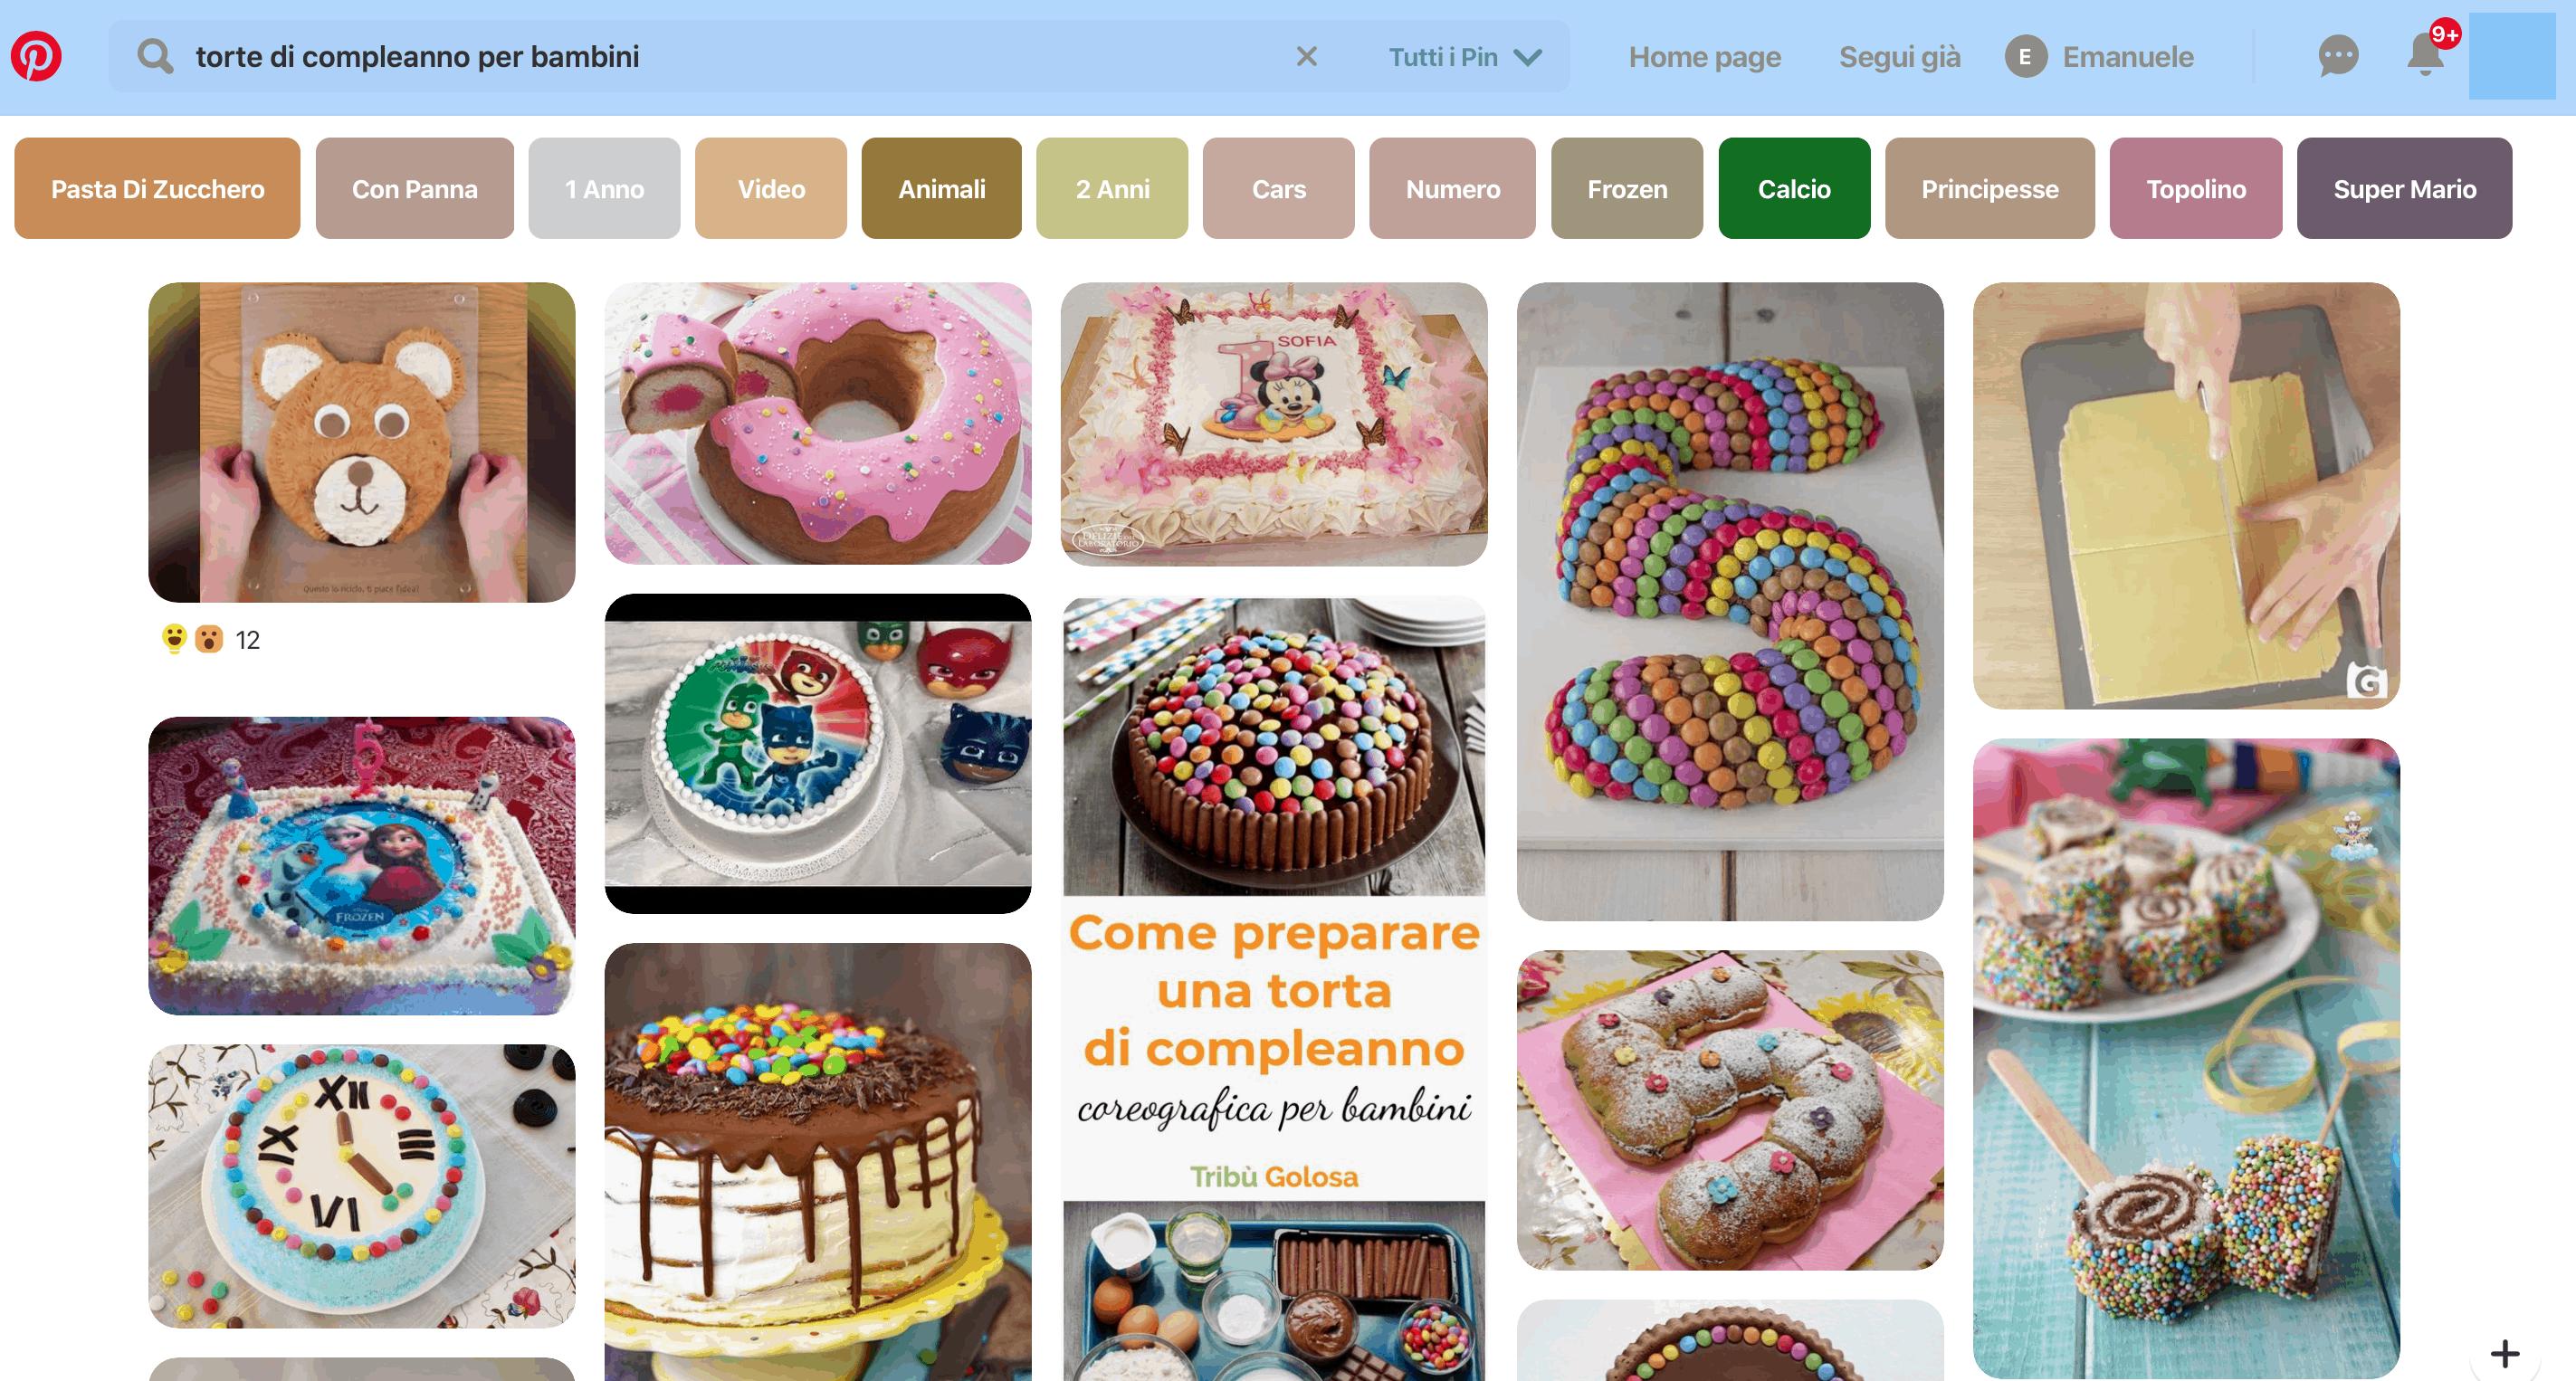 Idee Per Decorare Una Torta i 5 migliori dolci per la festa di compleanno dei bambini